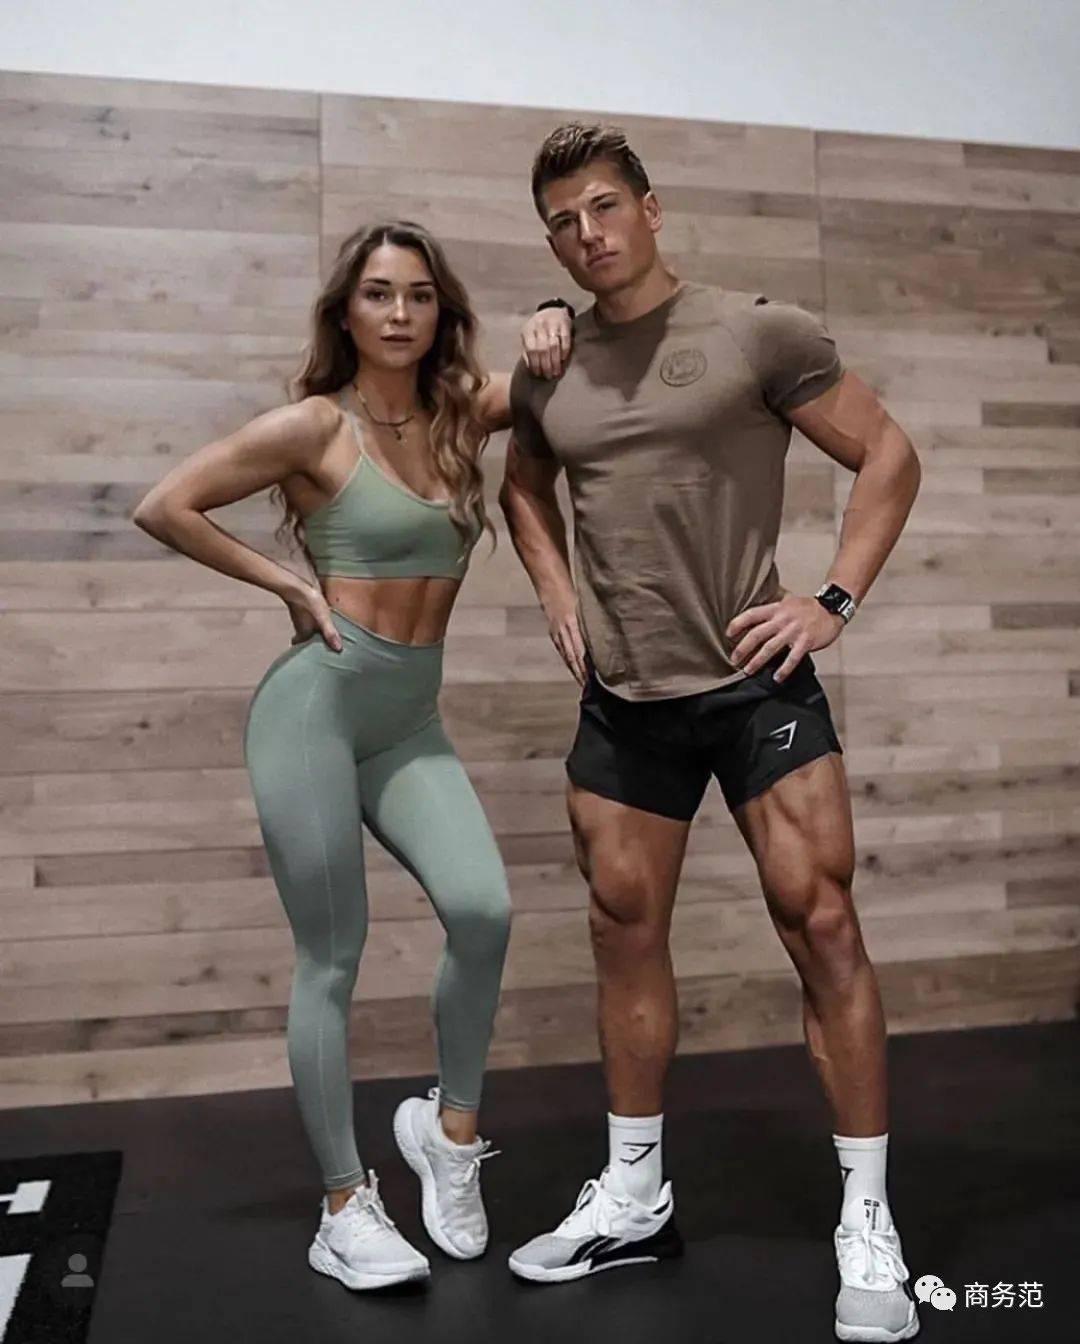 5个型男必备的健身衣品牌,夏天肌肉练起来 动作教学 第35张